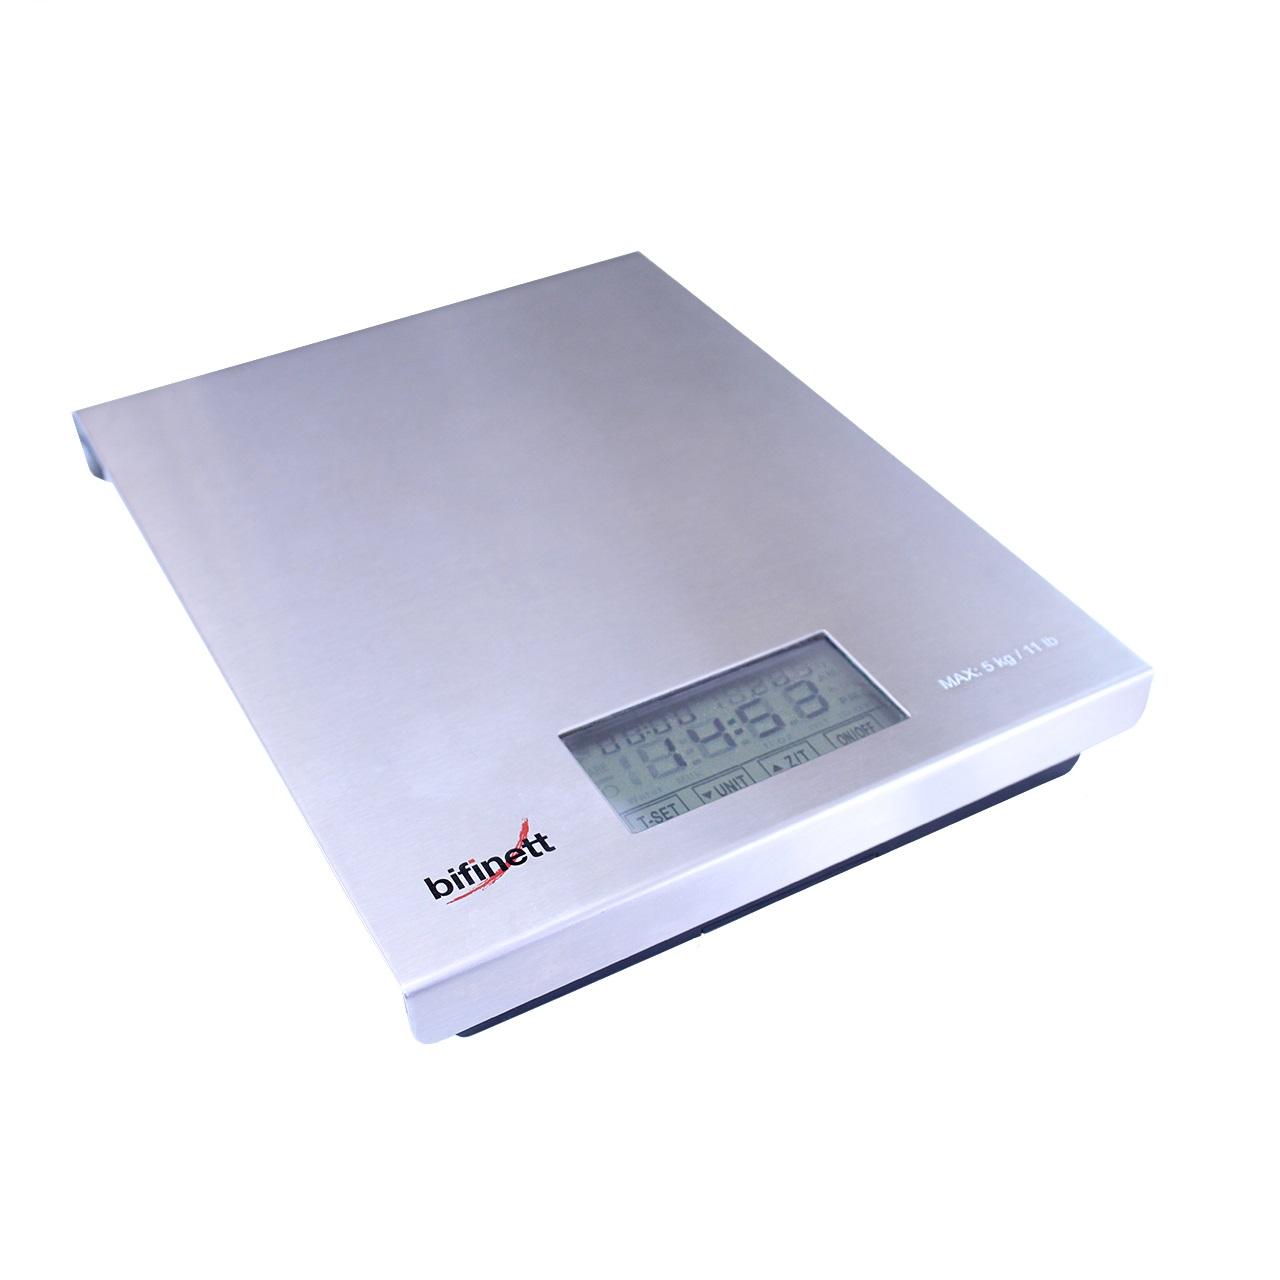 ترازو آشپزخانه بیفینت مدل KH 1157 کد 2054321